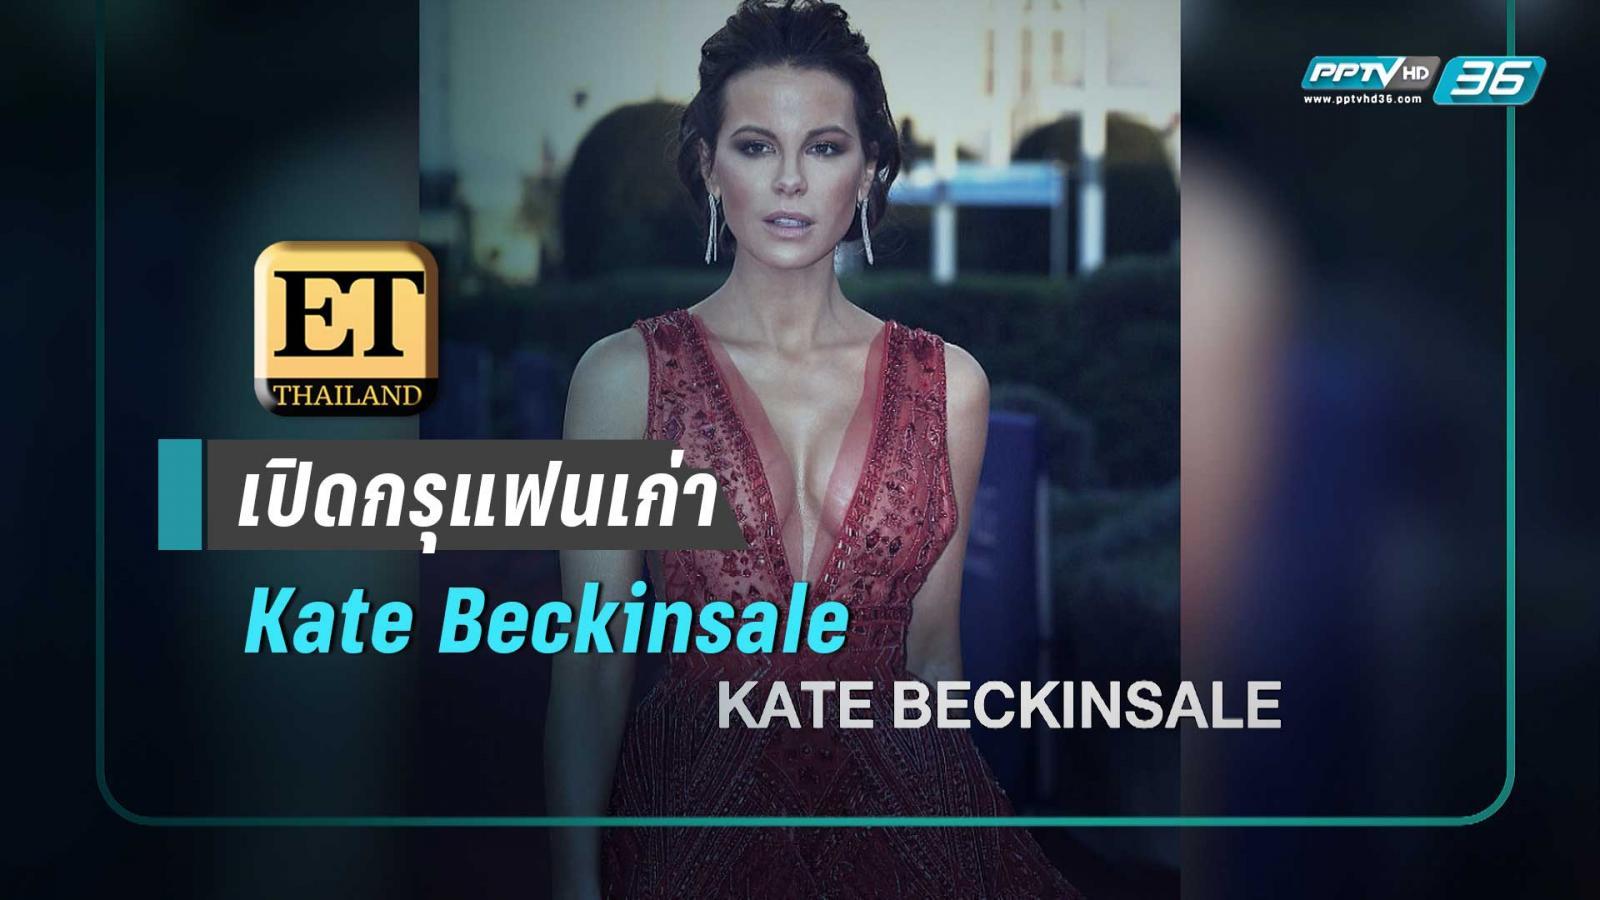 เปิดกรุแฟนเก่า Kate Beckinsale